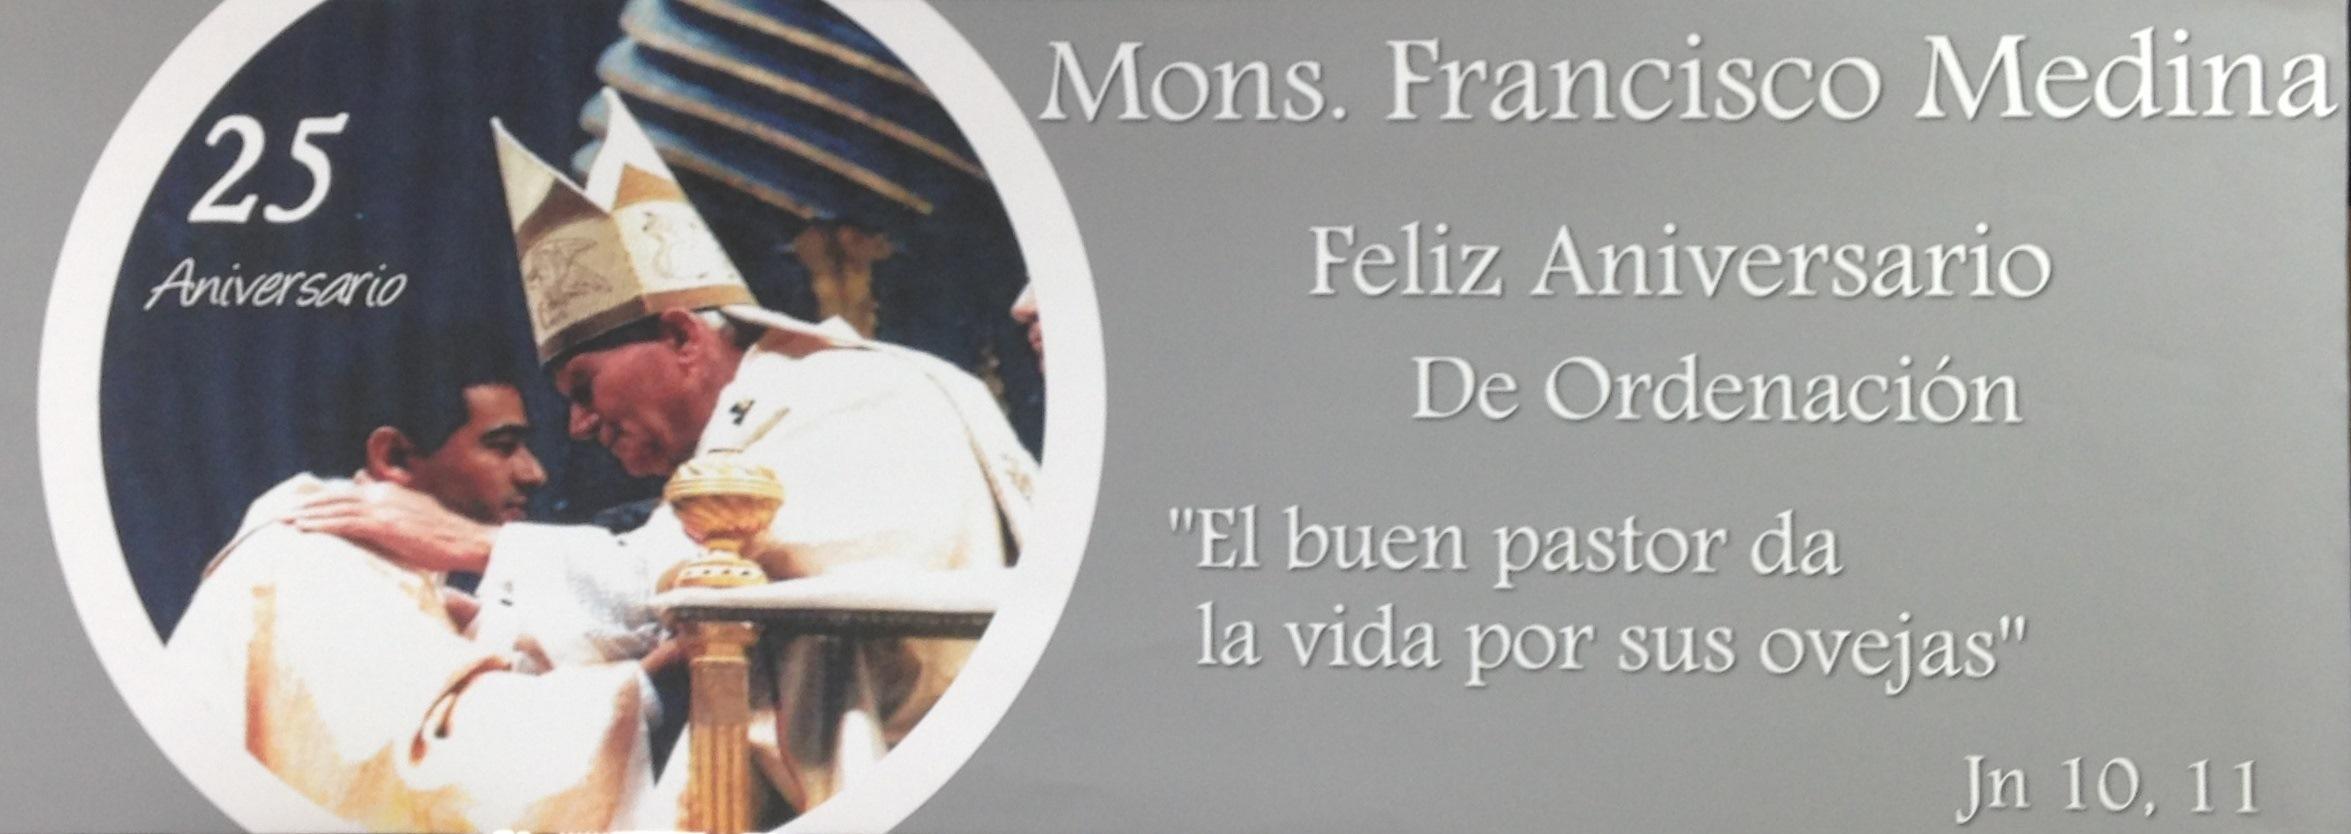 Aniversario P. Francisco 2